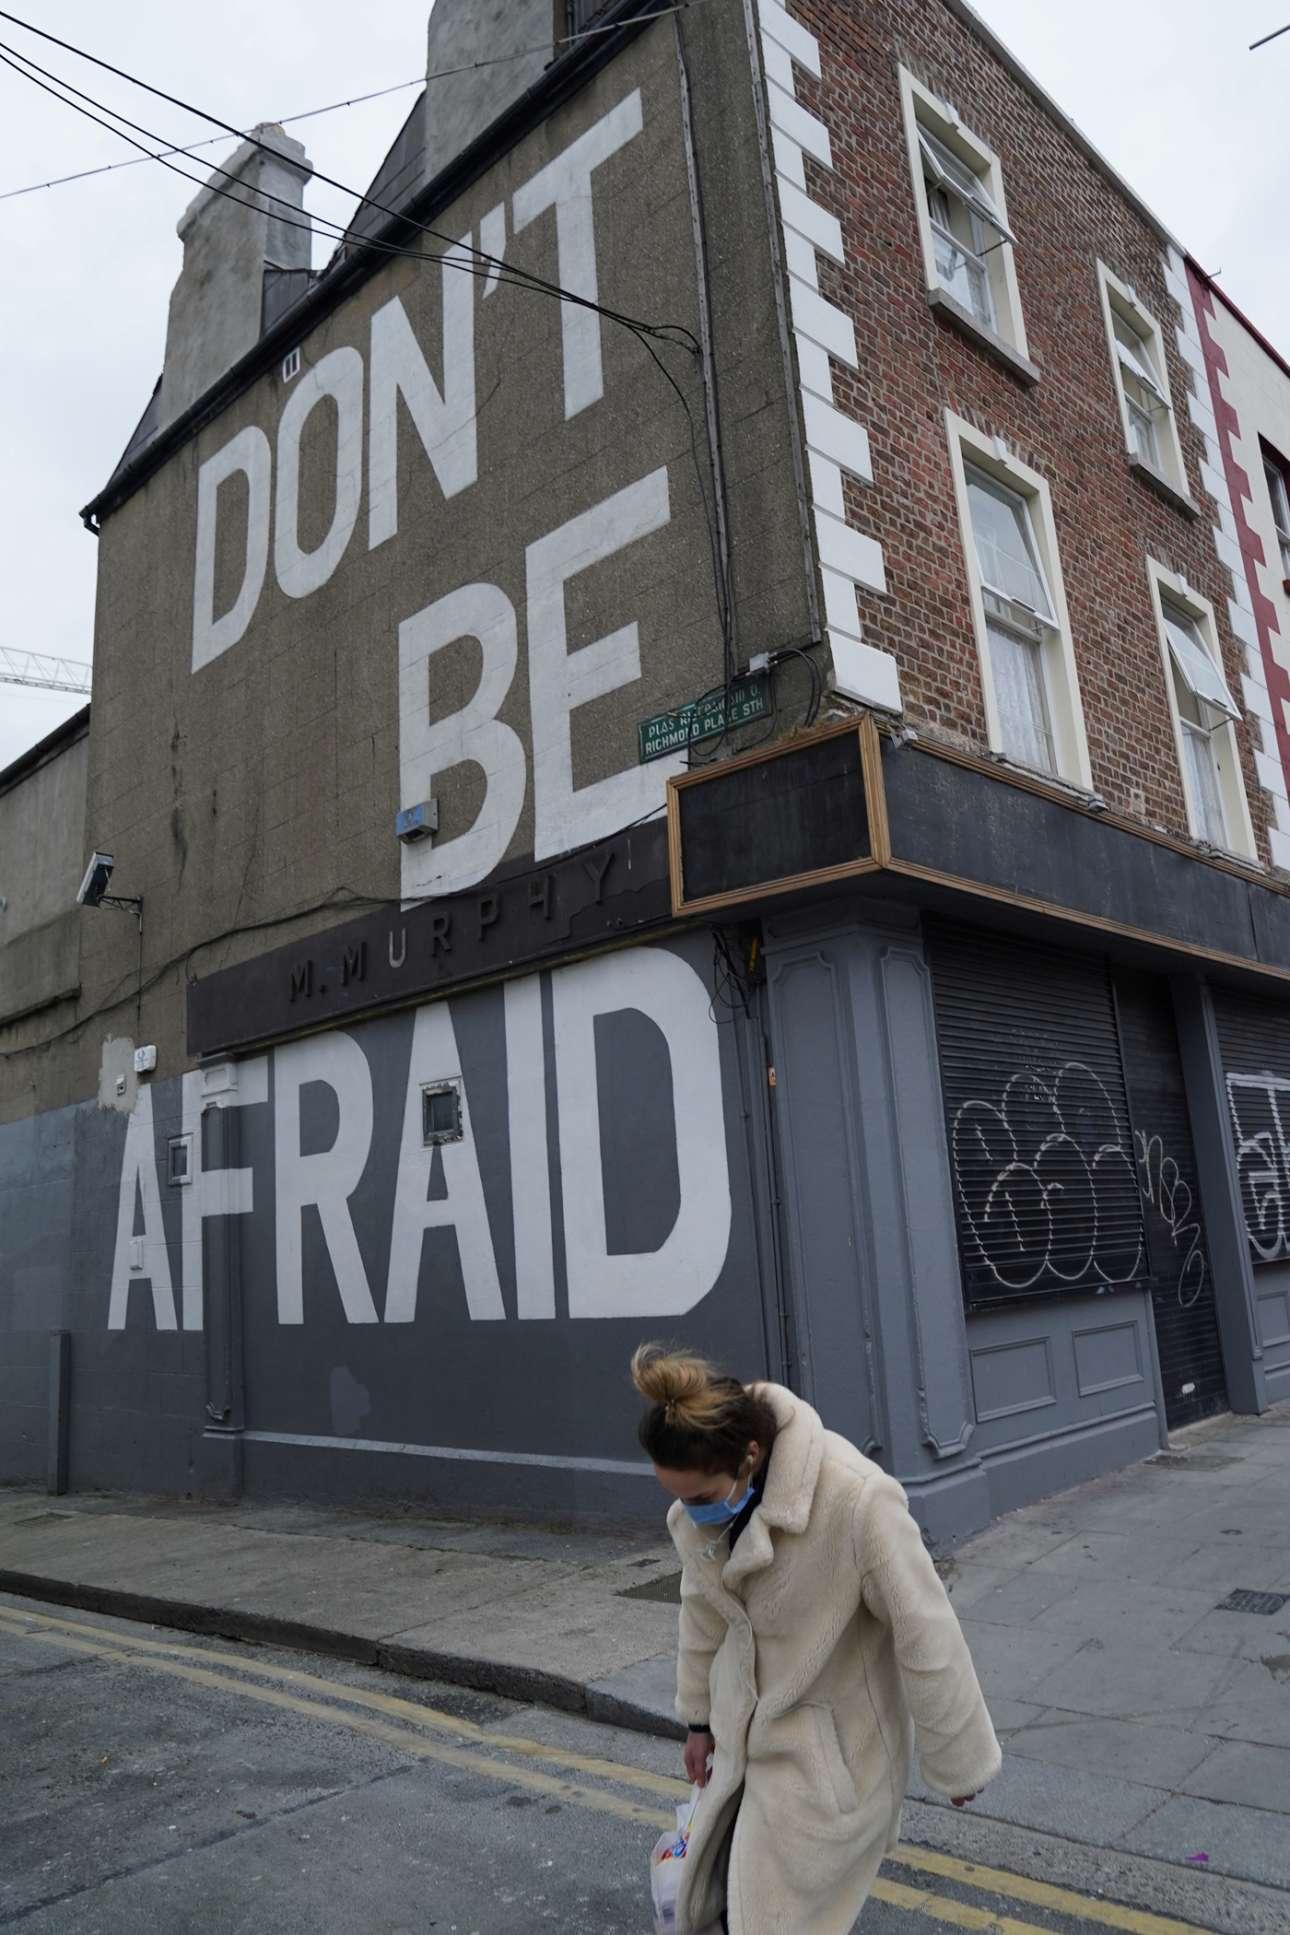 Δουβλίνο. Το σύνθημα ψηλά στον τοίχο, το βλέμμα χαμηλά στον δρόμο, το κουράγιο σφιχτά στα δόντια σαν ψίθυρος: «Ναι, ναι, δεν φοβάμαι…»